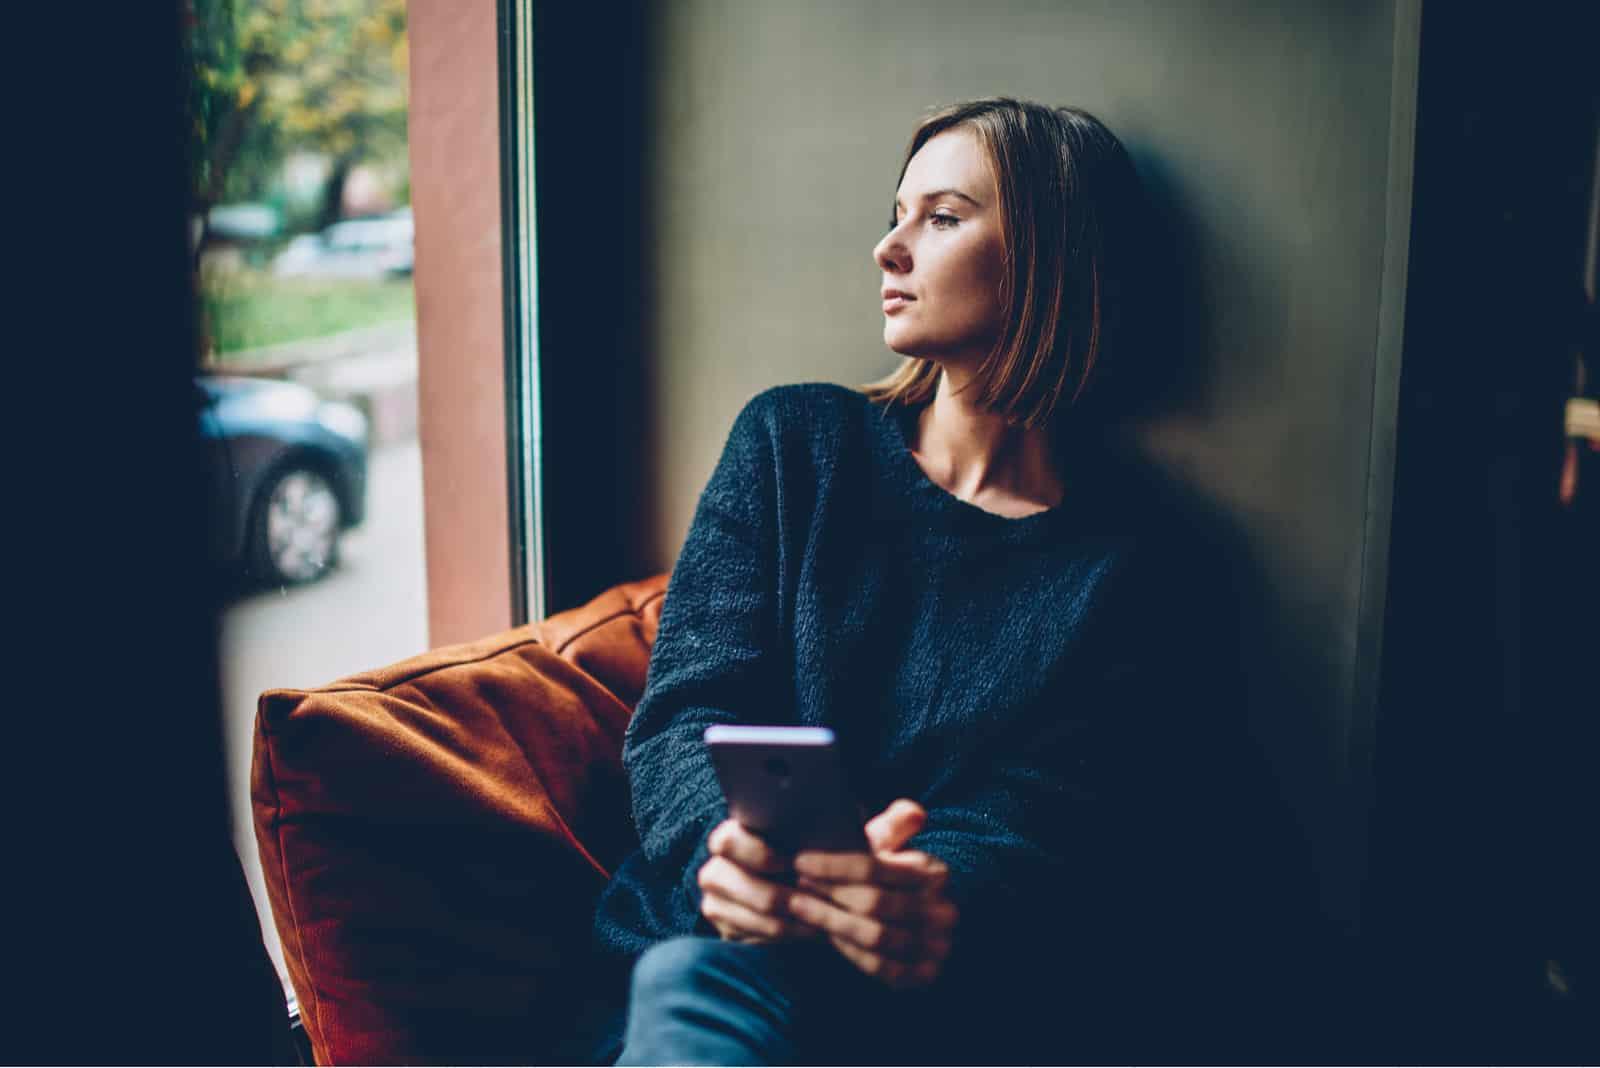 la femme est assise près de la fenêtre tenant un téléphone à la main